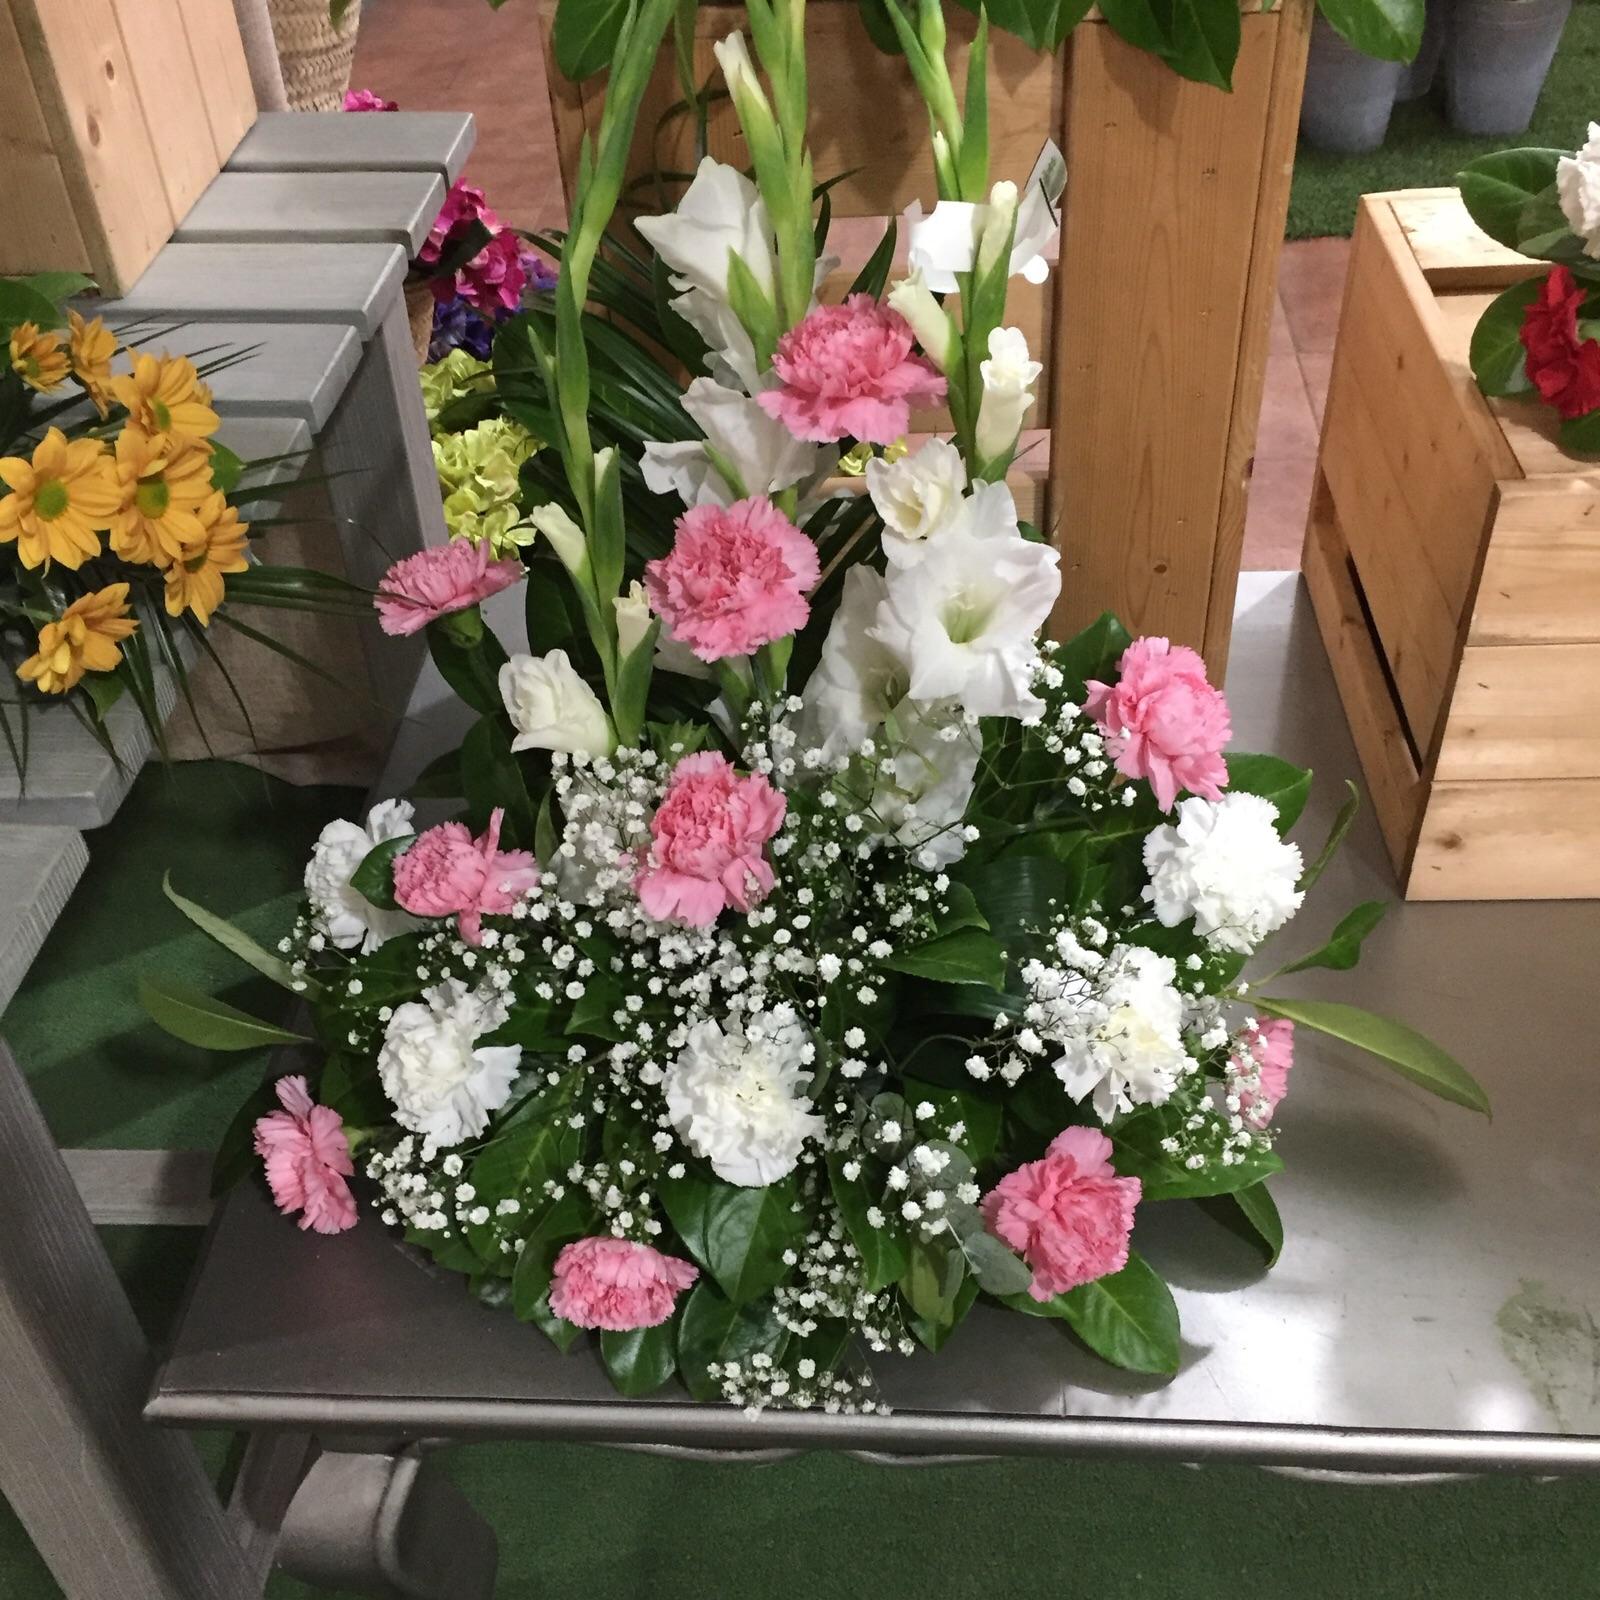 a continuacin los exclusivos centros de flor natural por nuestrs experts florists con el diseo exclusivo y la calidad garantizada por